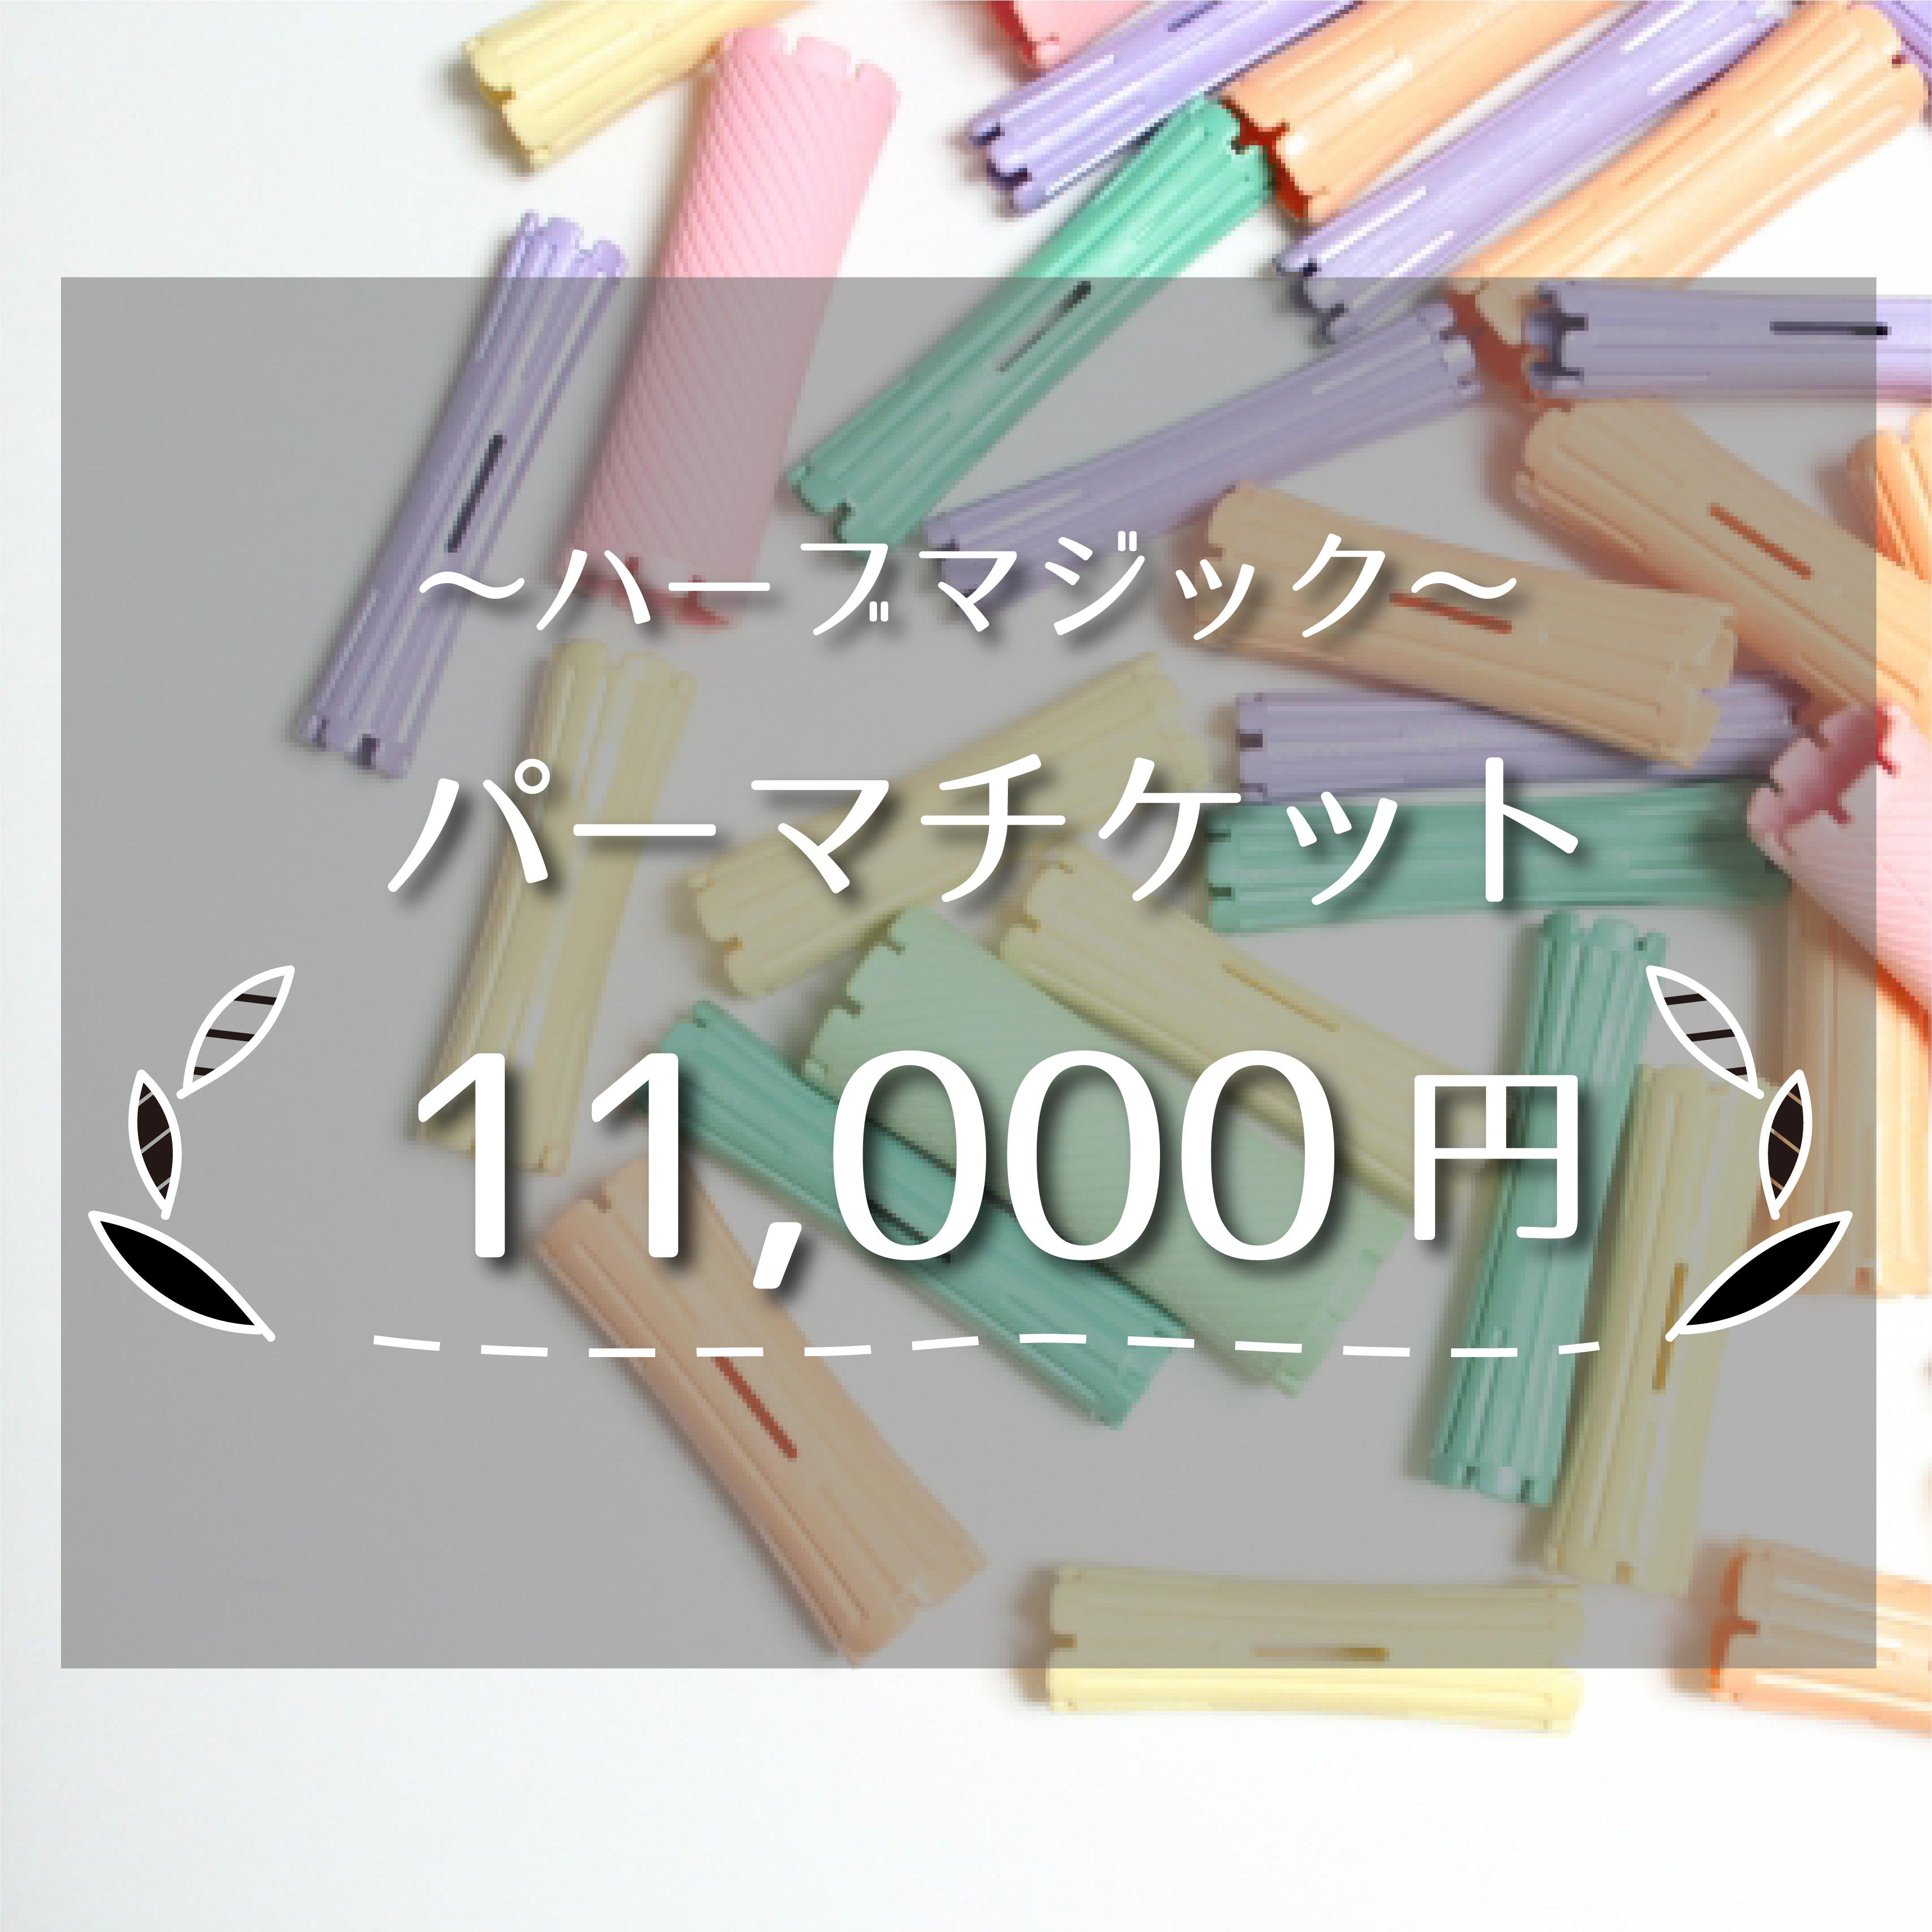 【マリ美容室】〜パーマチケット〜ハーブマジックのイメージその1